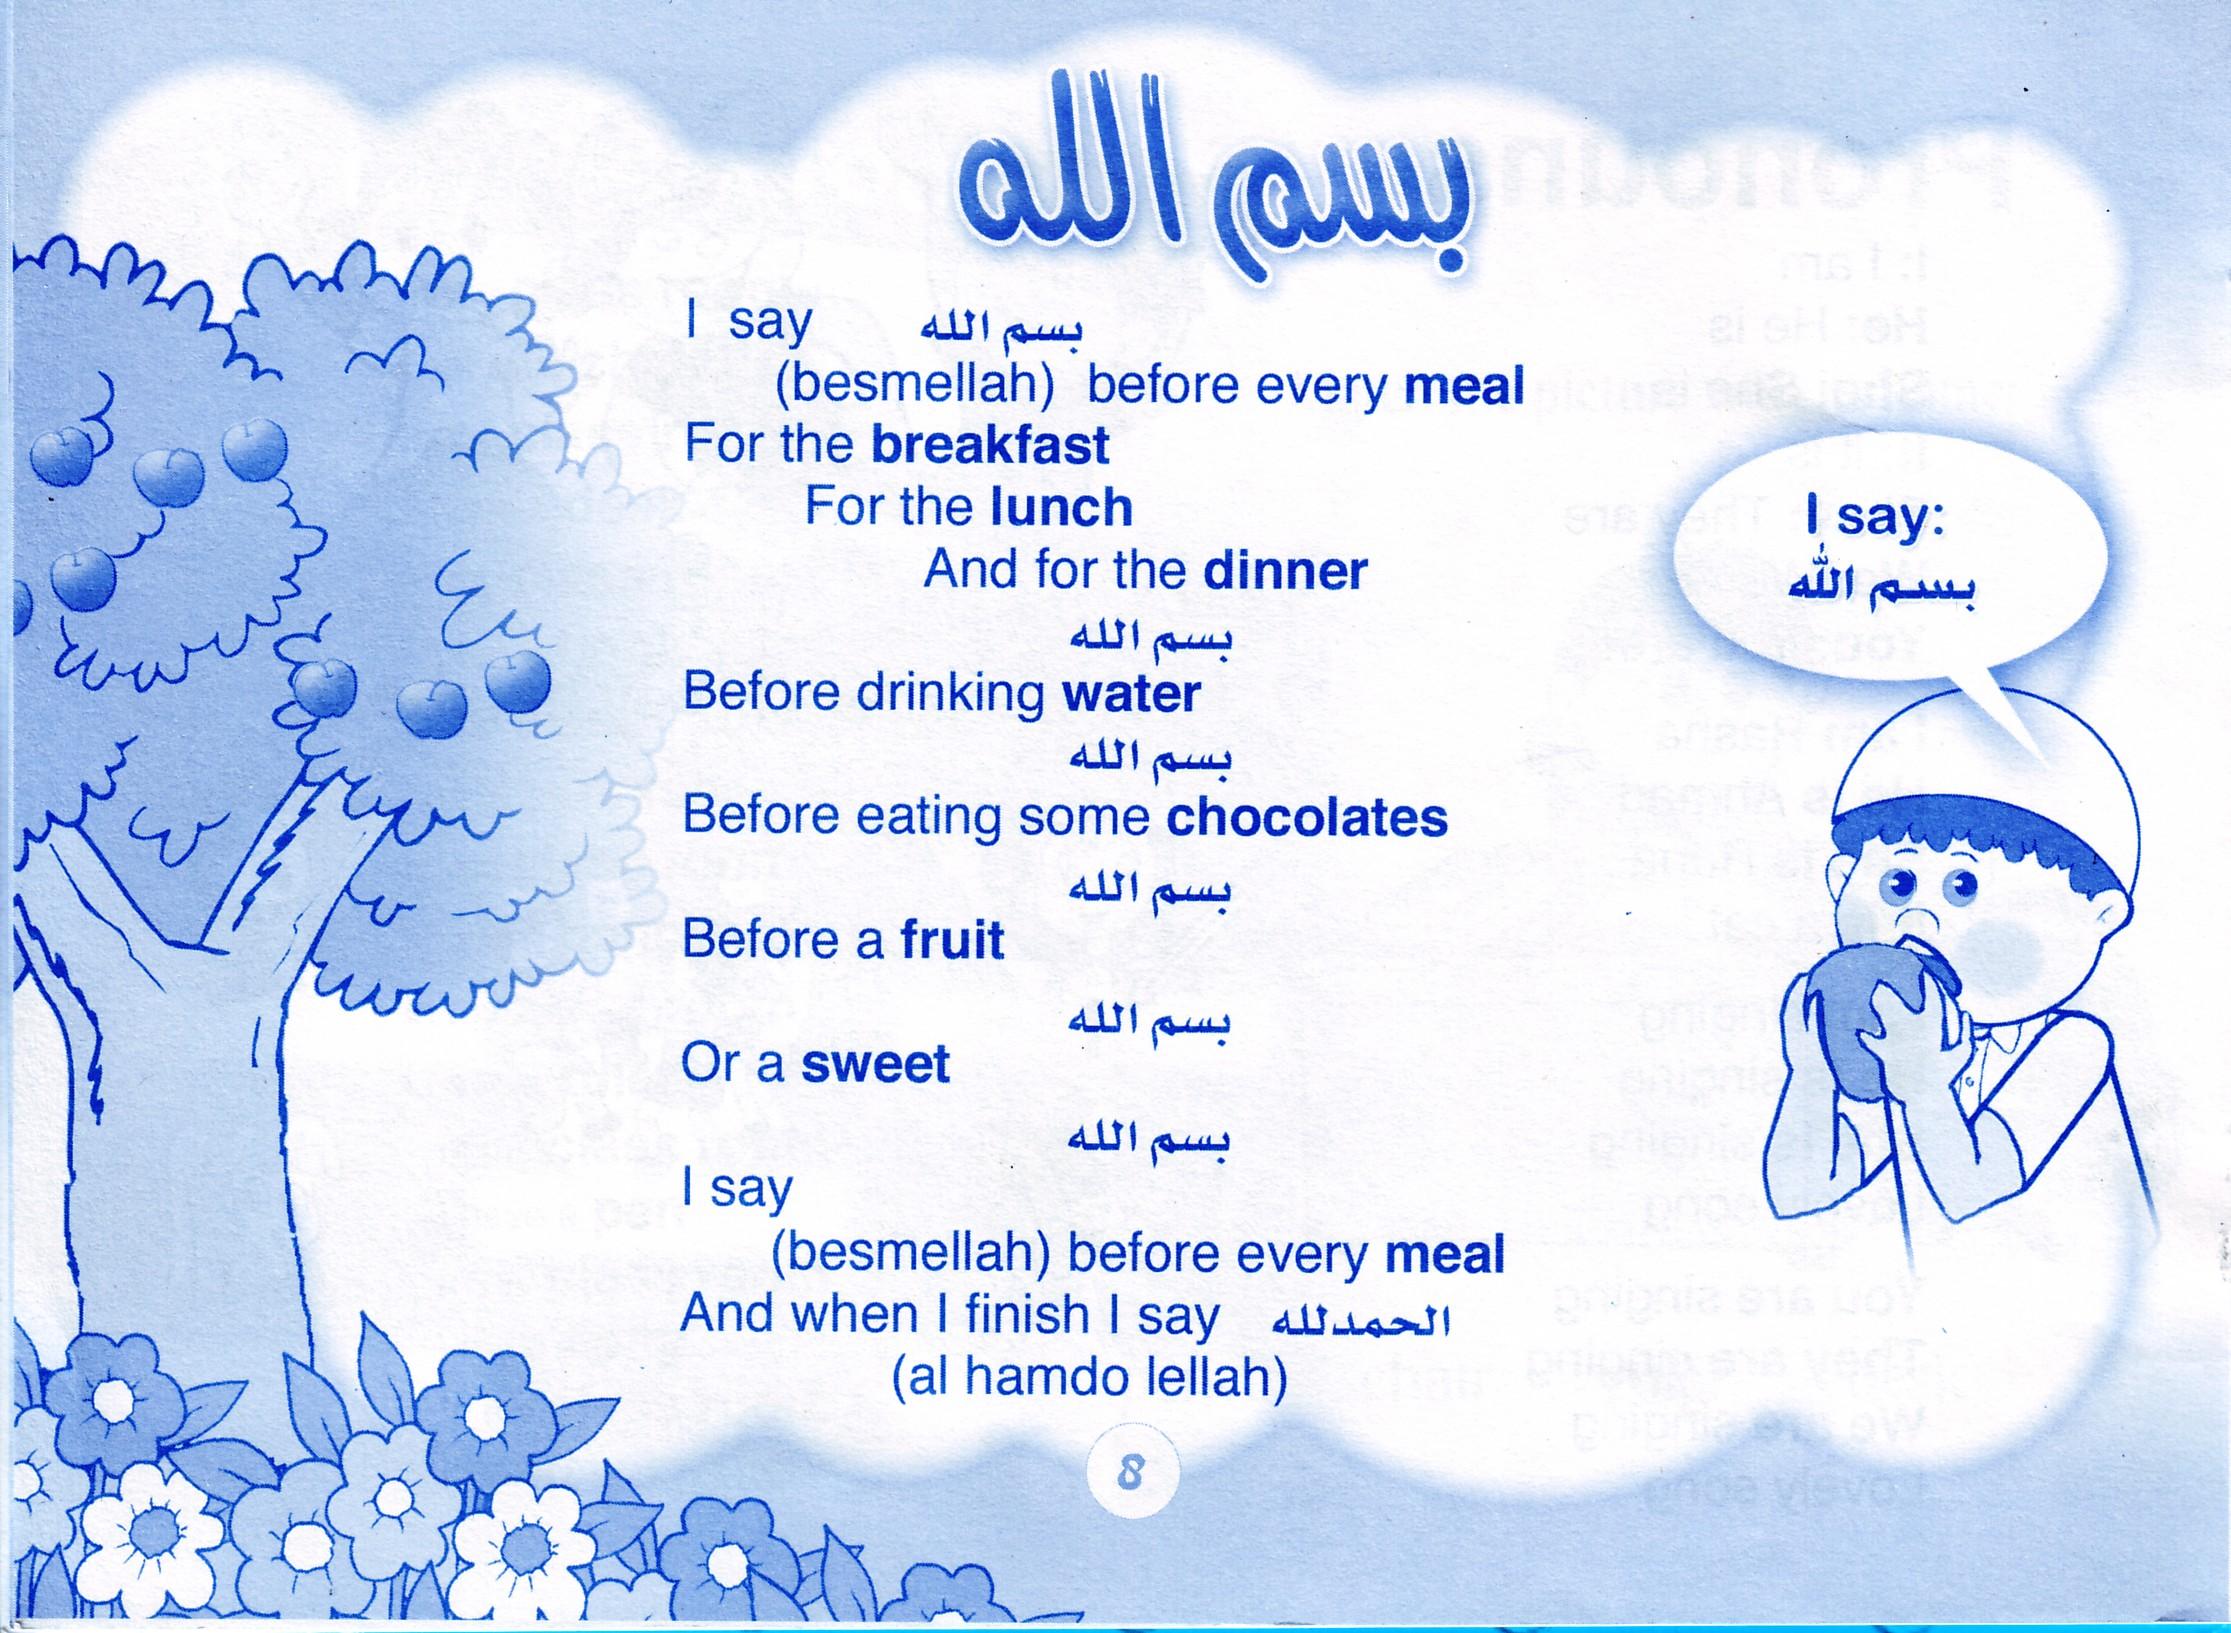 أناشيد باللغة الأنجليزية تعليمية - English songs for kids .. للأطفال 1234_01200089672